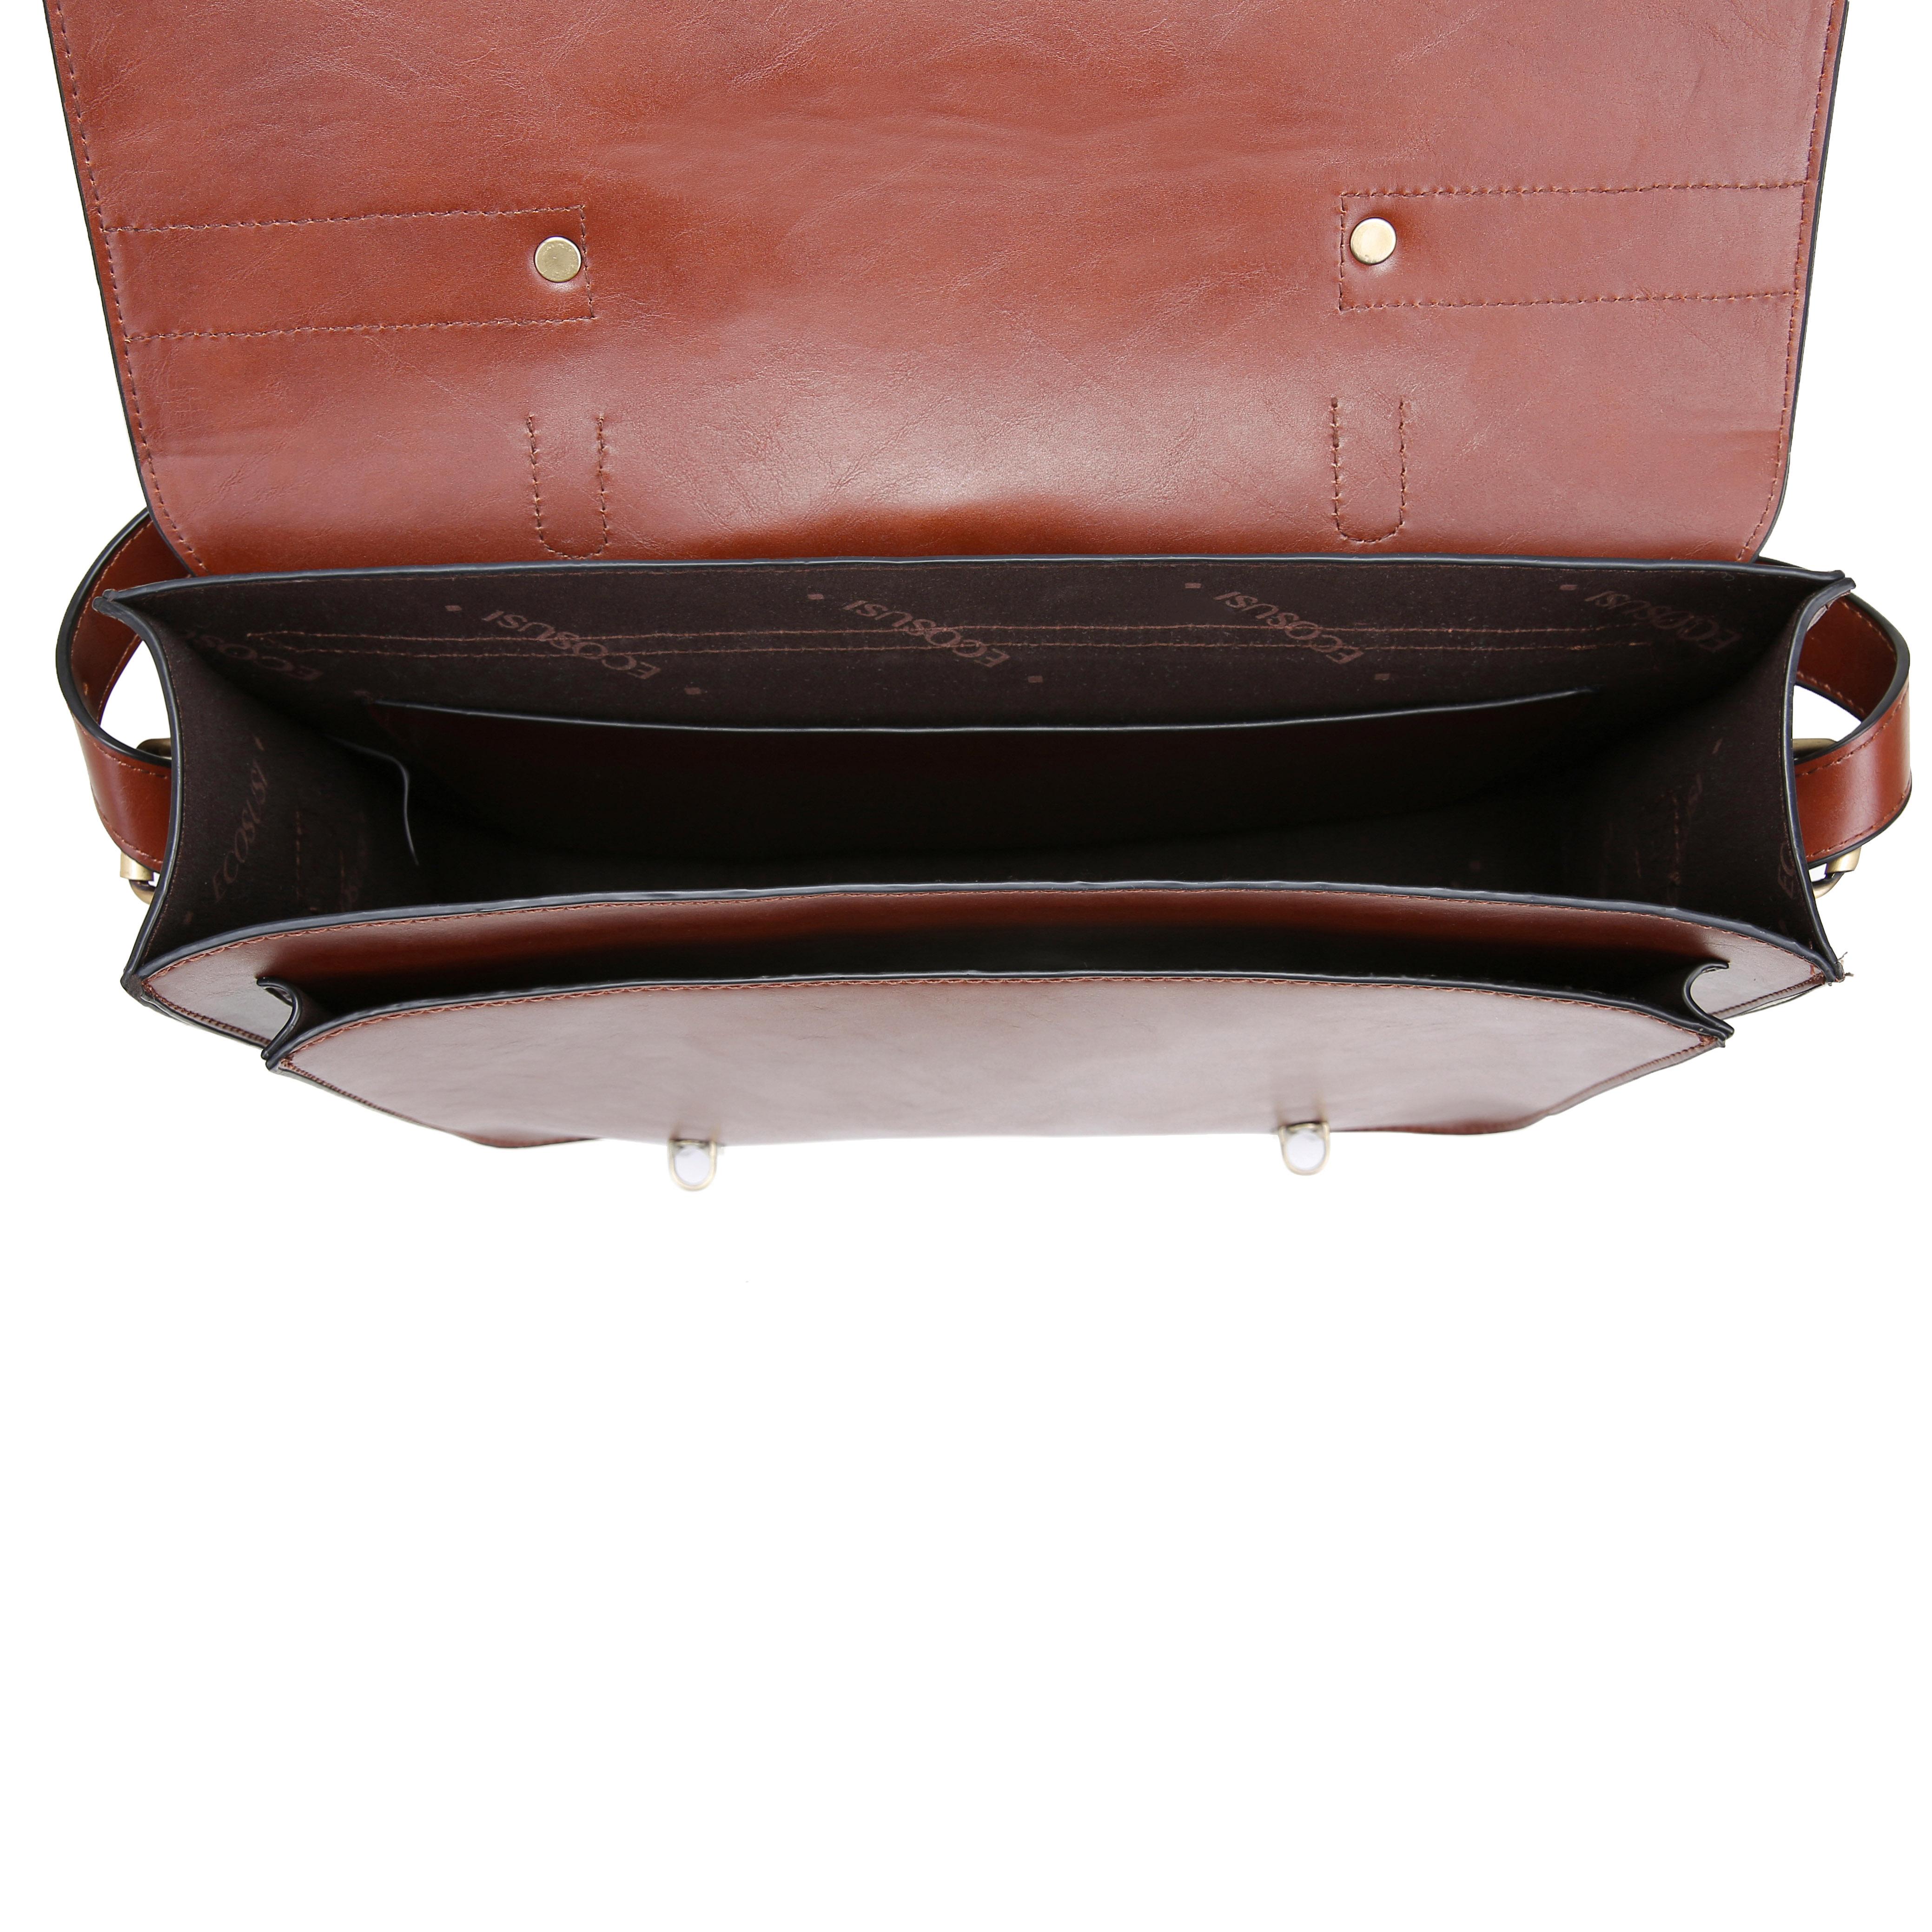 7039fdfcb8ef Женская сумка-портфель Ecosusi коричневая (ES0120954A057) - BuyClub ...